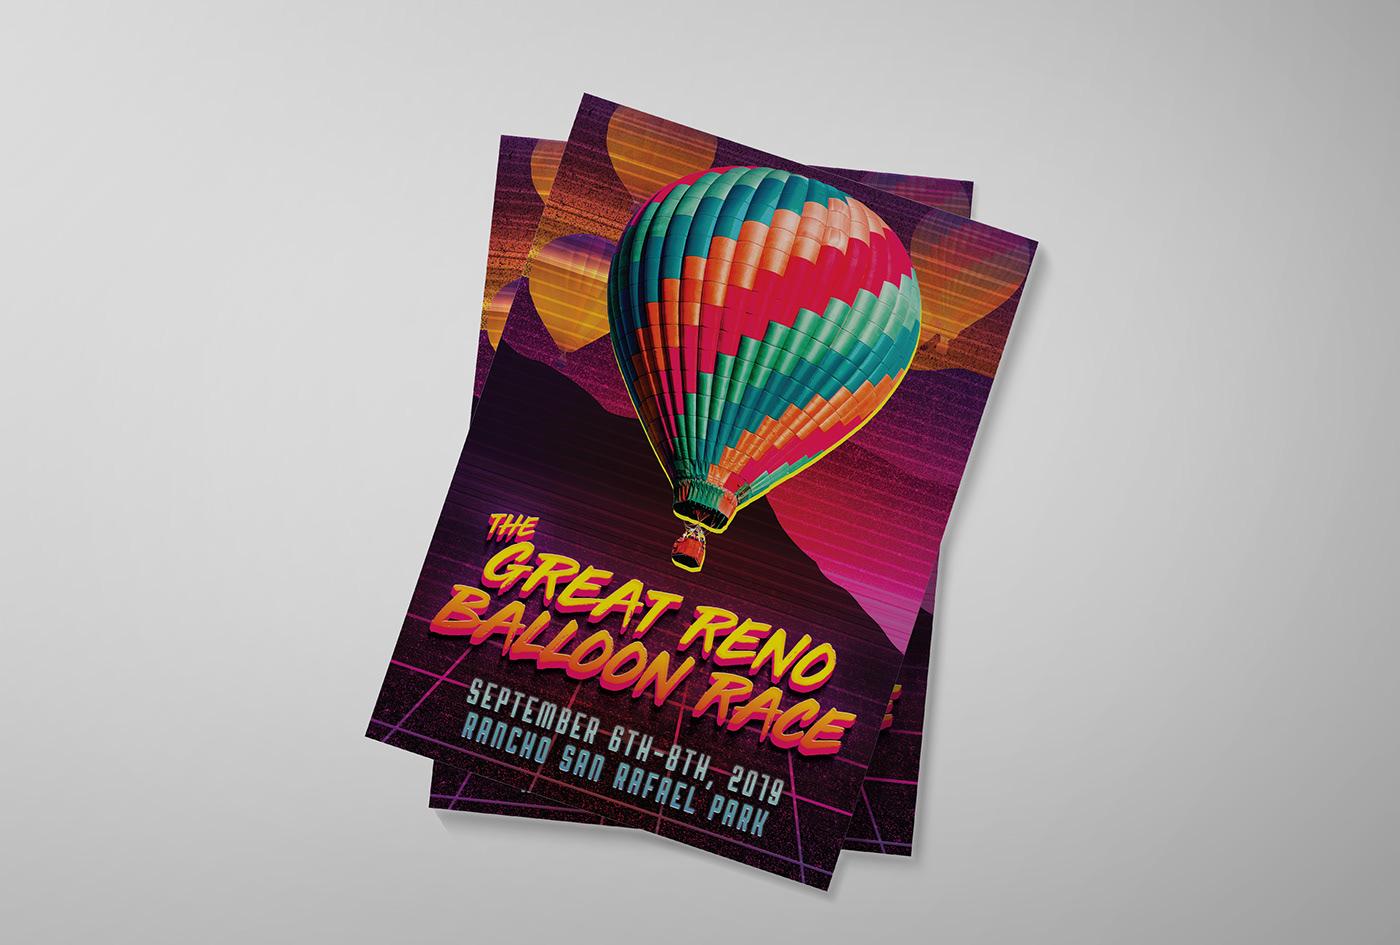 Image may contain: hot air balloon